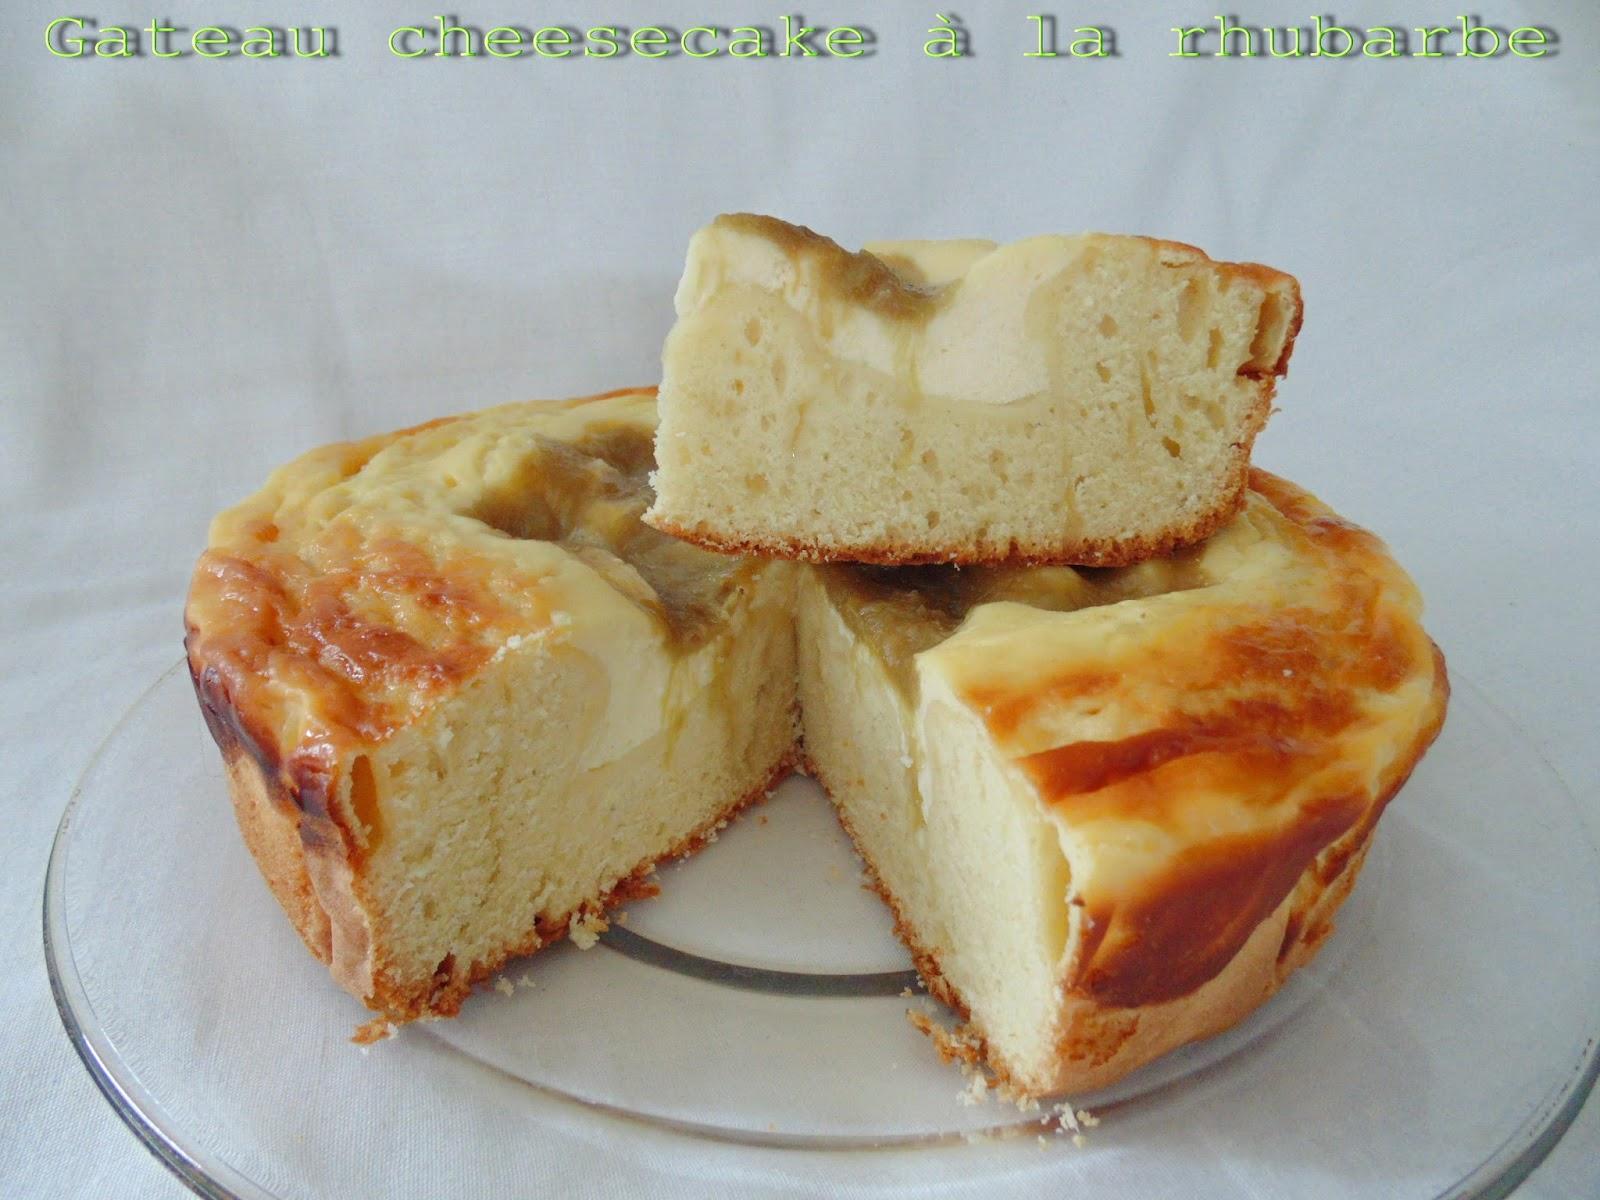 gateau gaga love cakes gateau cheesecake la rhubarbe. Black Bedroom Furniture Sets. Home Design Ideas